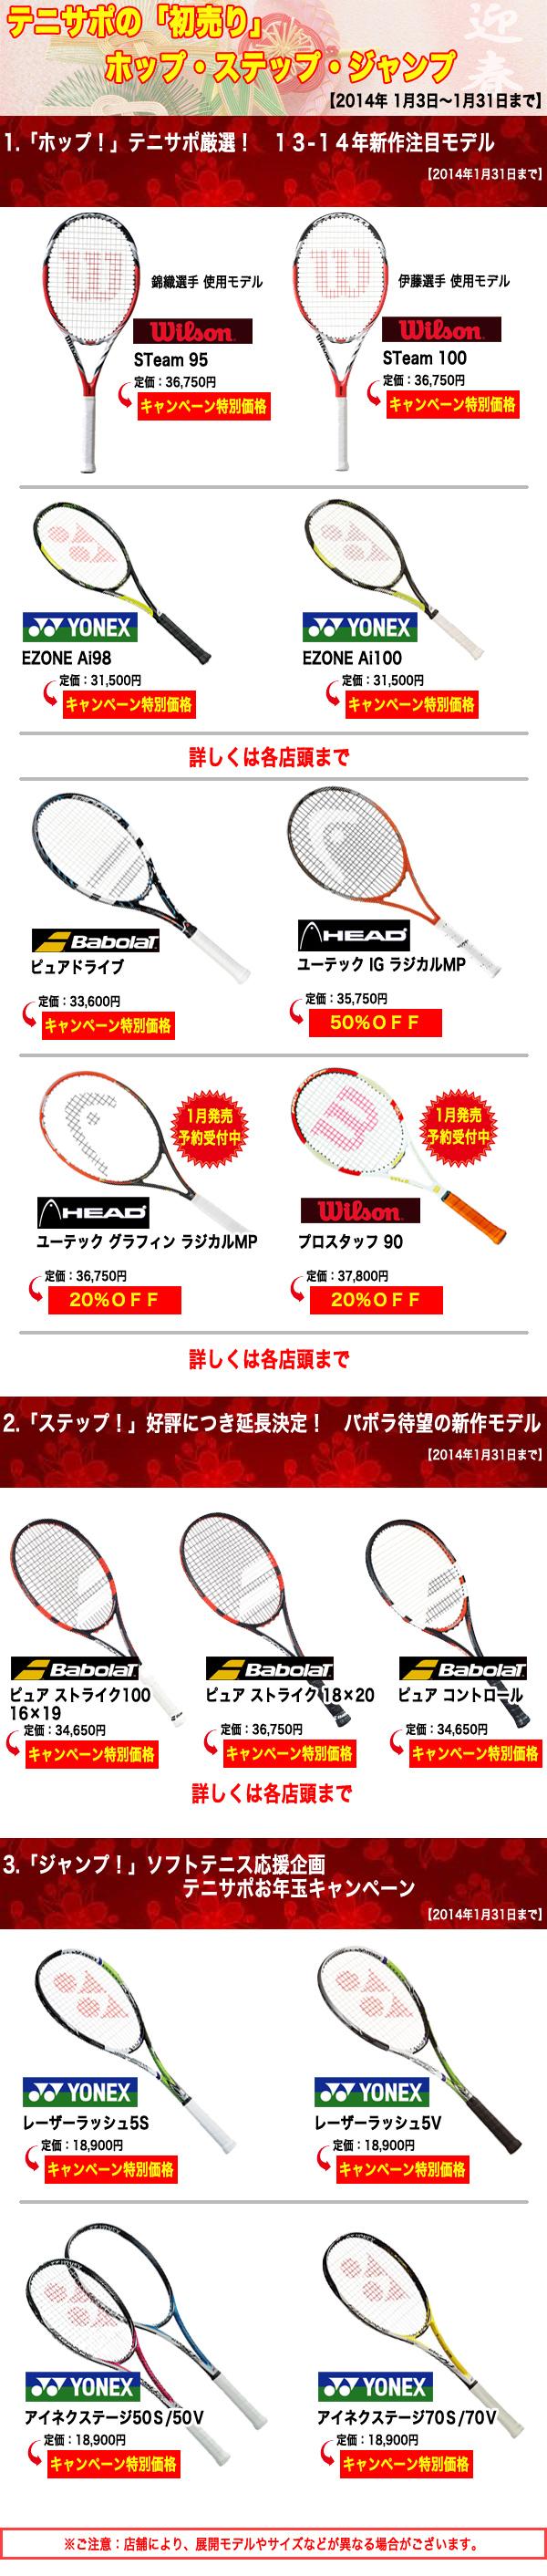 テニサポ『初売り』ホップ・ステップ・ジャンプ【2014年1月末まで】